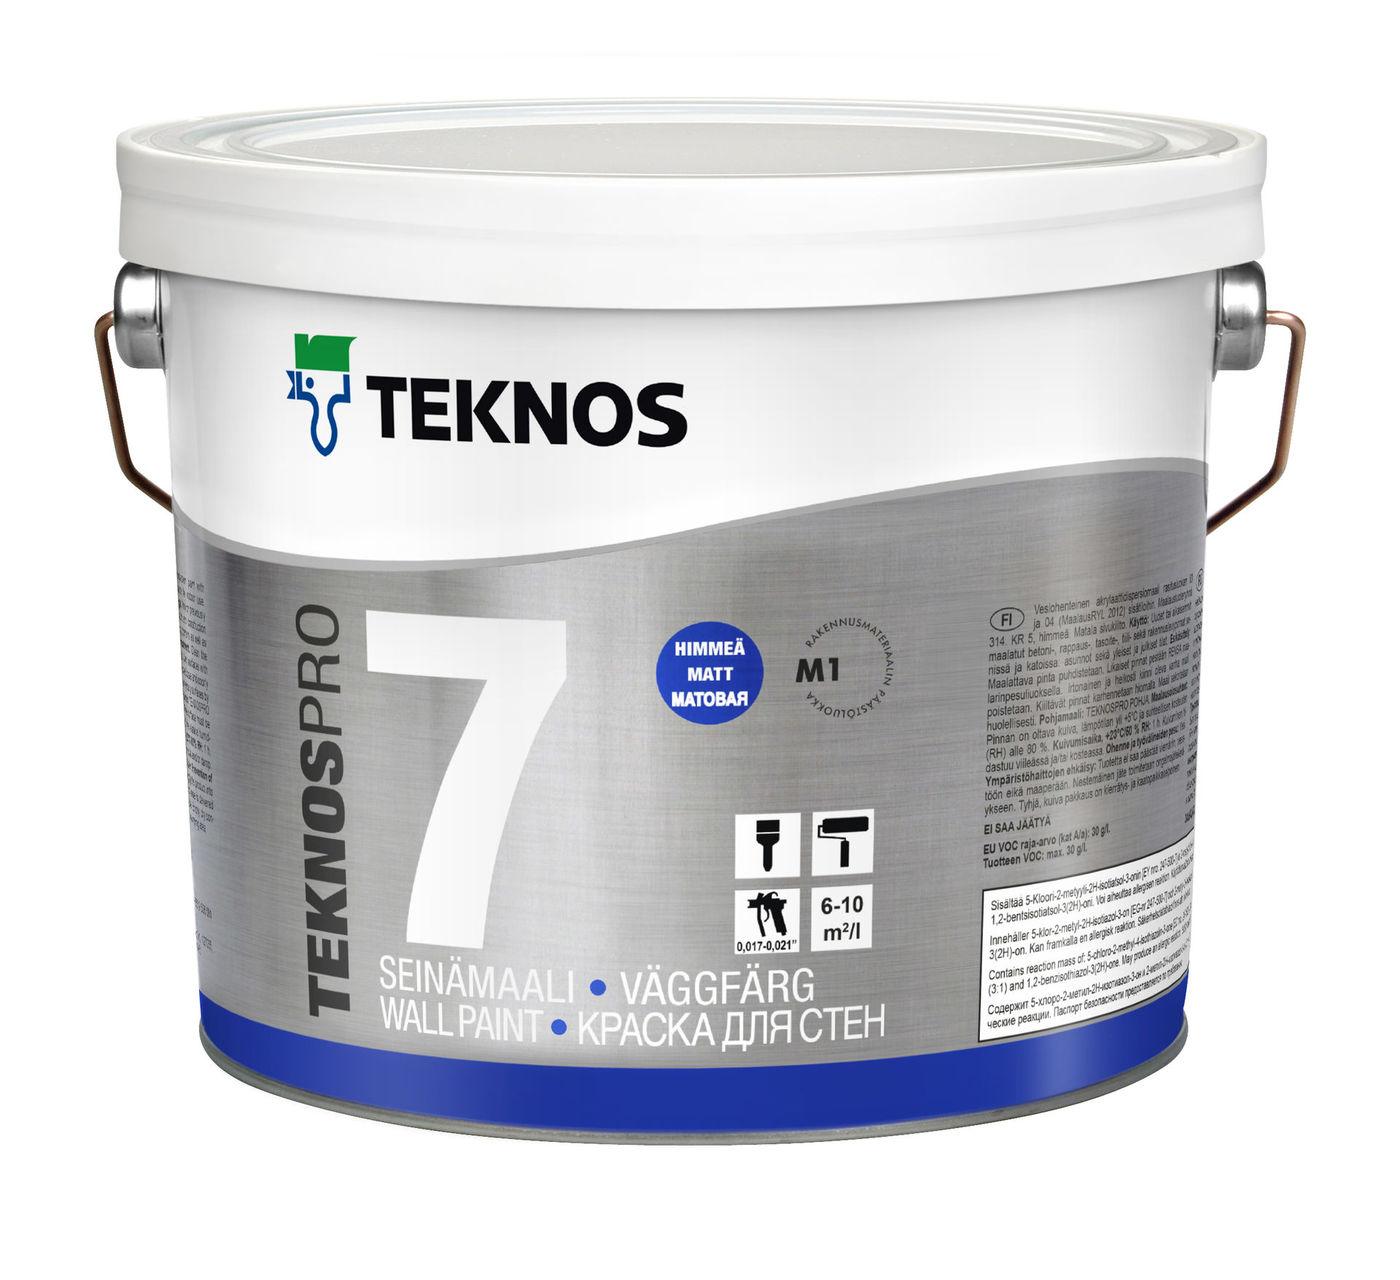 TEKNOSPRO 7 краска для стен